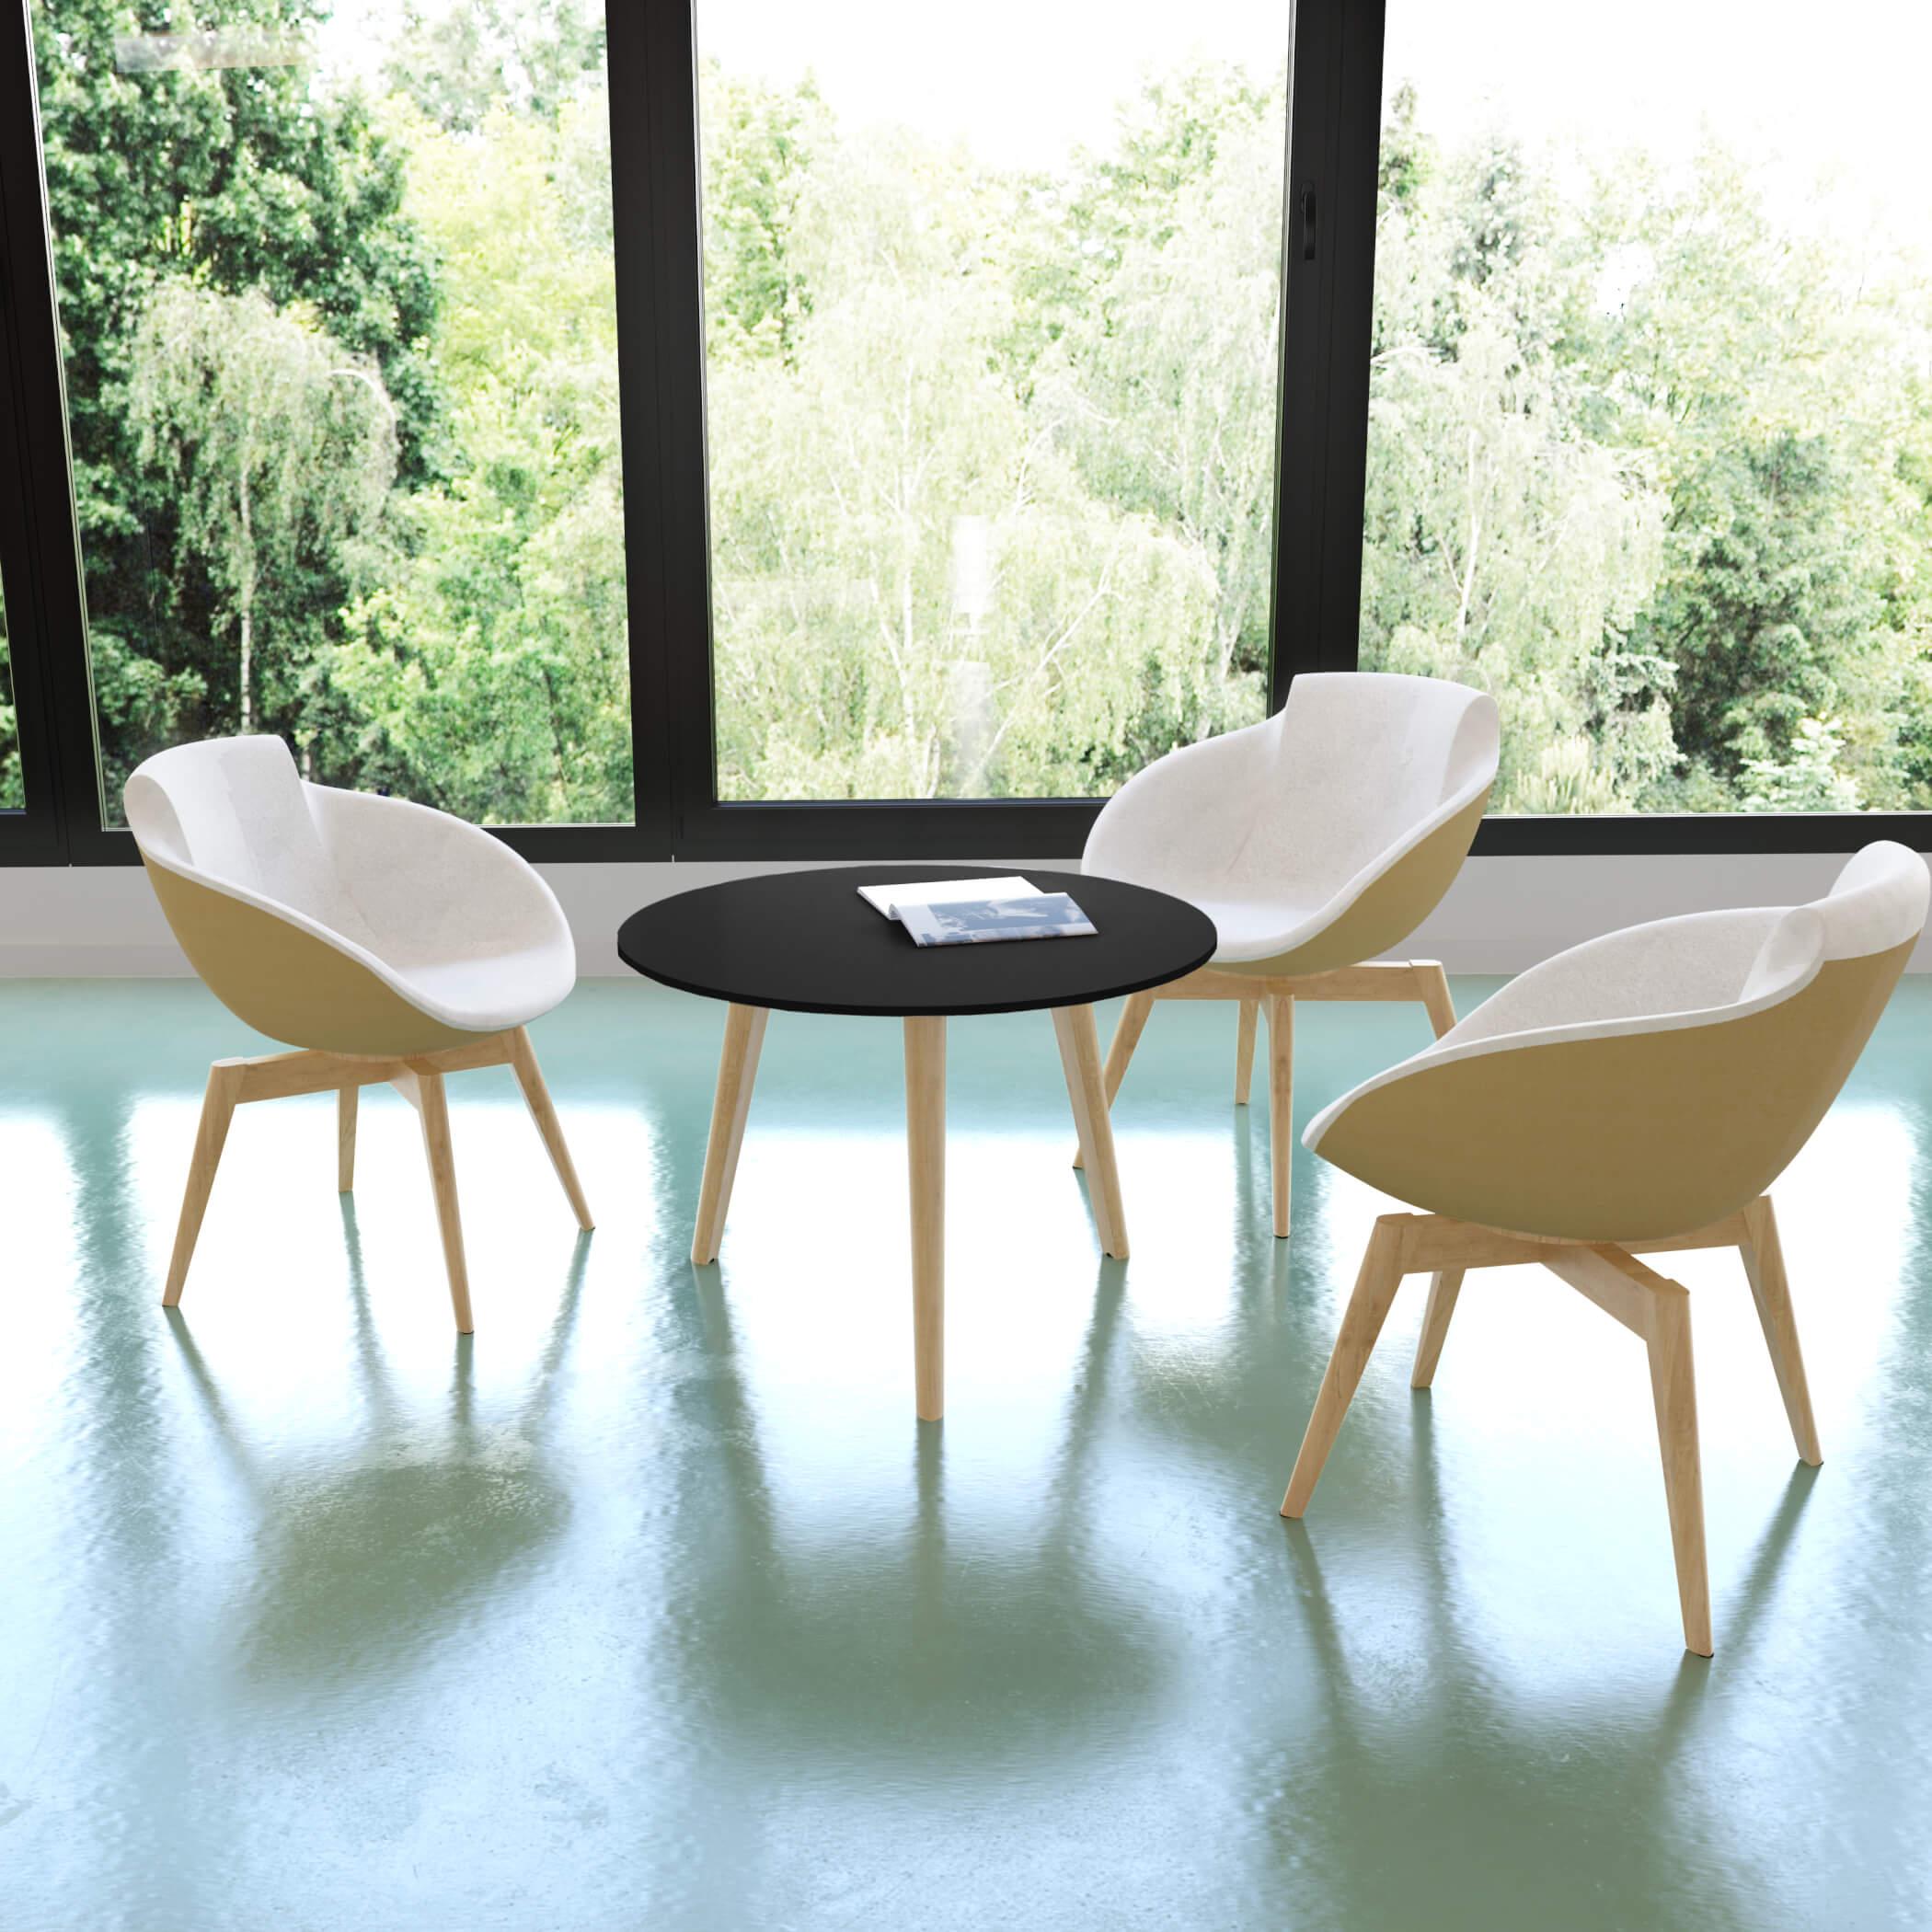 Beistelltisch NOVA Wood FENIX HPL rund Ø 700 mm Schwarz Echtholzgestell Skandi Design Couchtisch Loungetisch